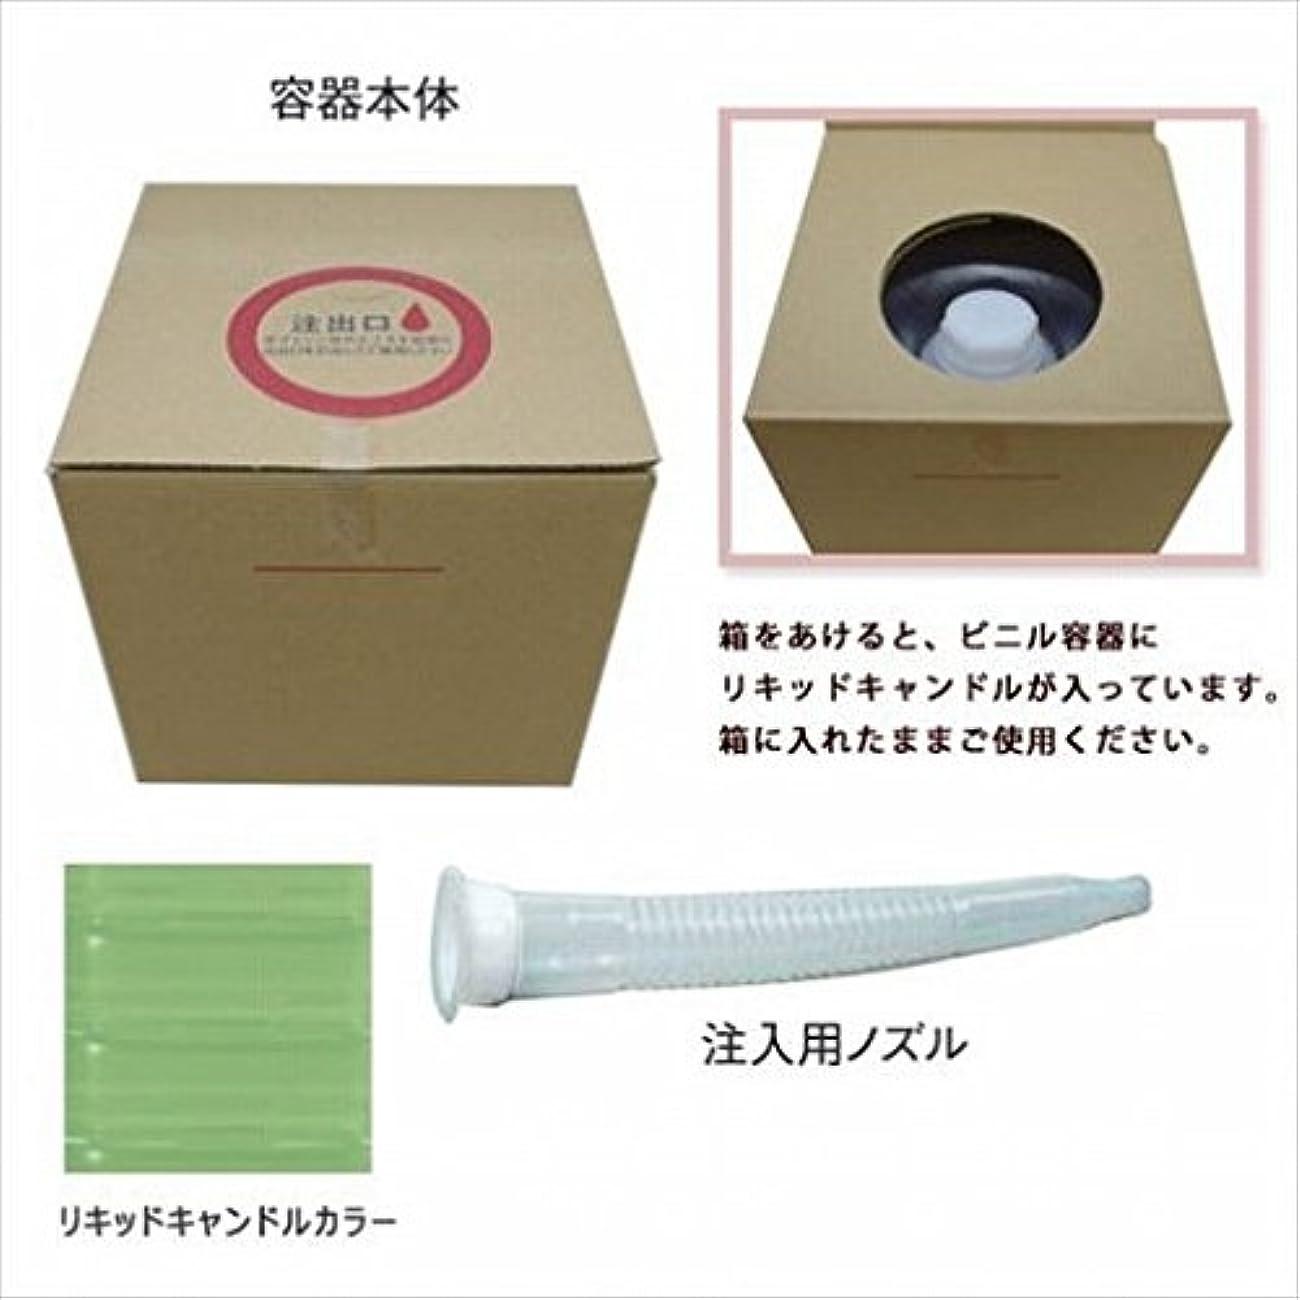 人工的な作成する行商kameyama candle(カメヤマキャンドル) リキッドキャンドル5リットル 「 ライトグリーン 」(77320000LG)